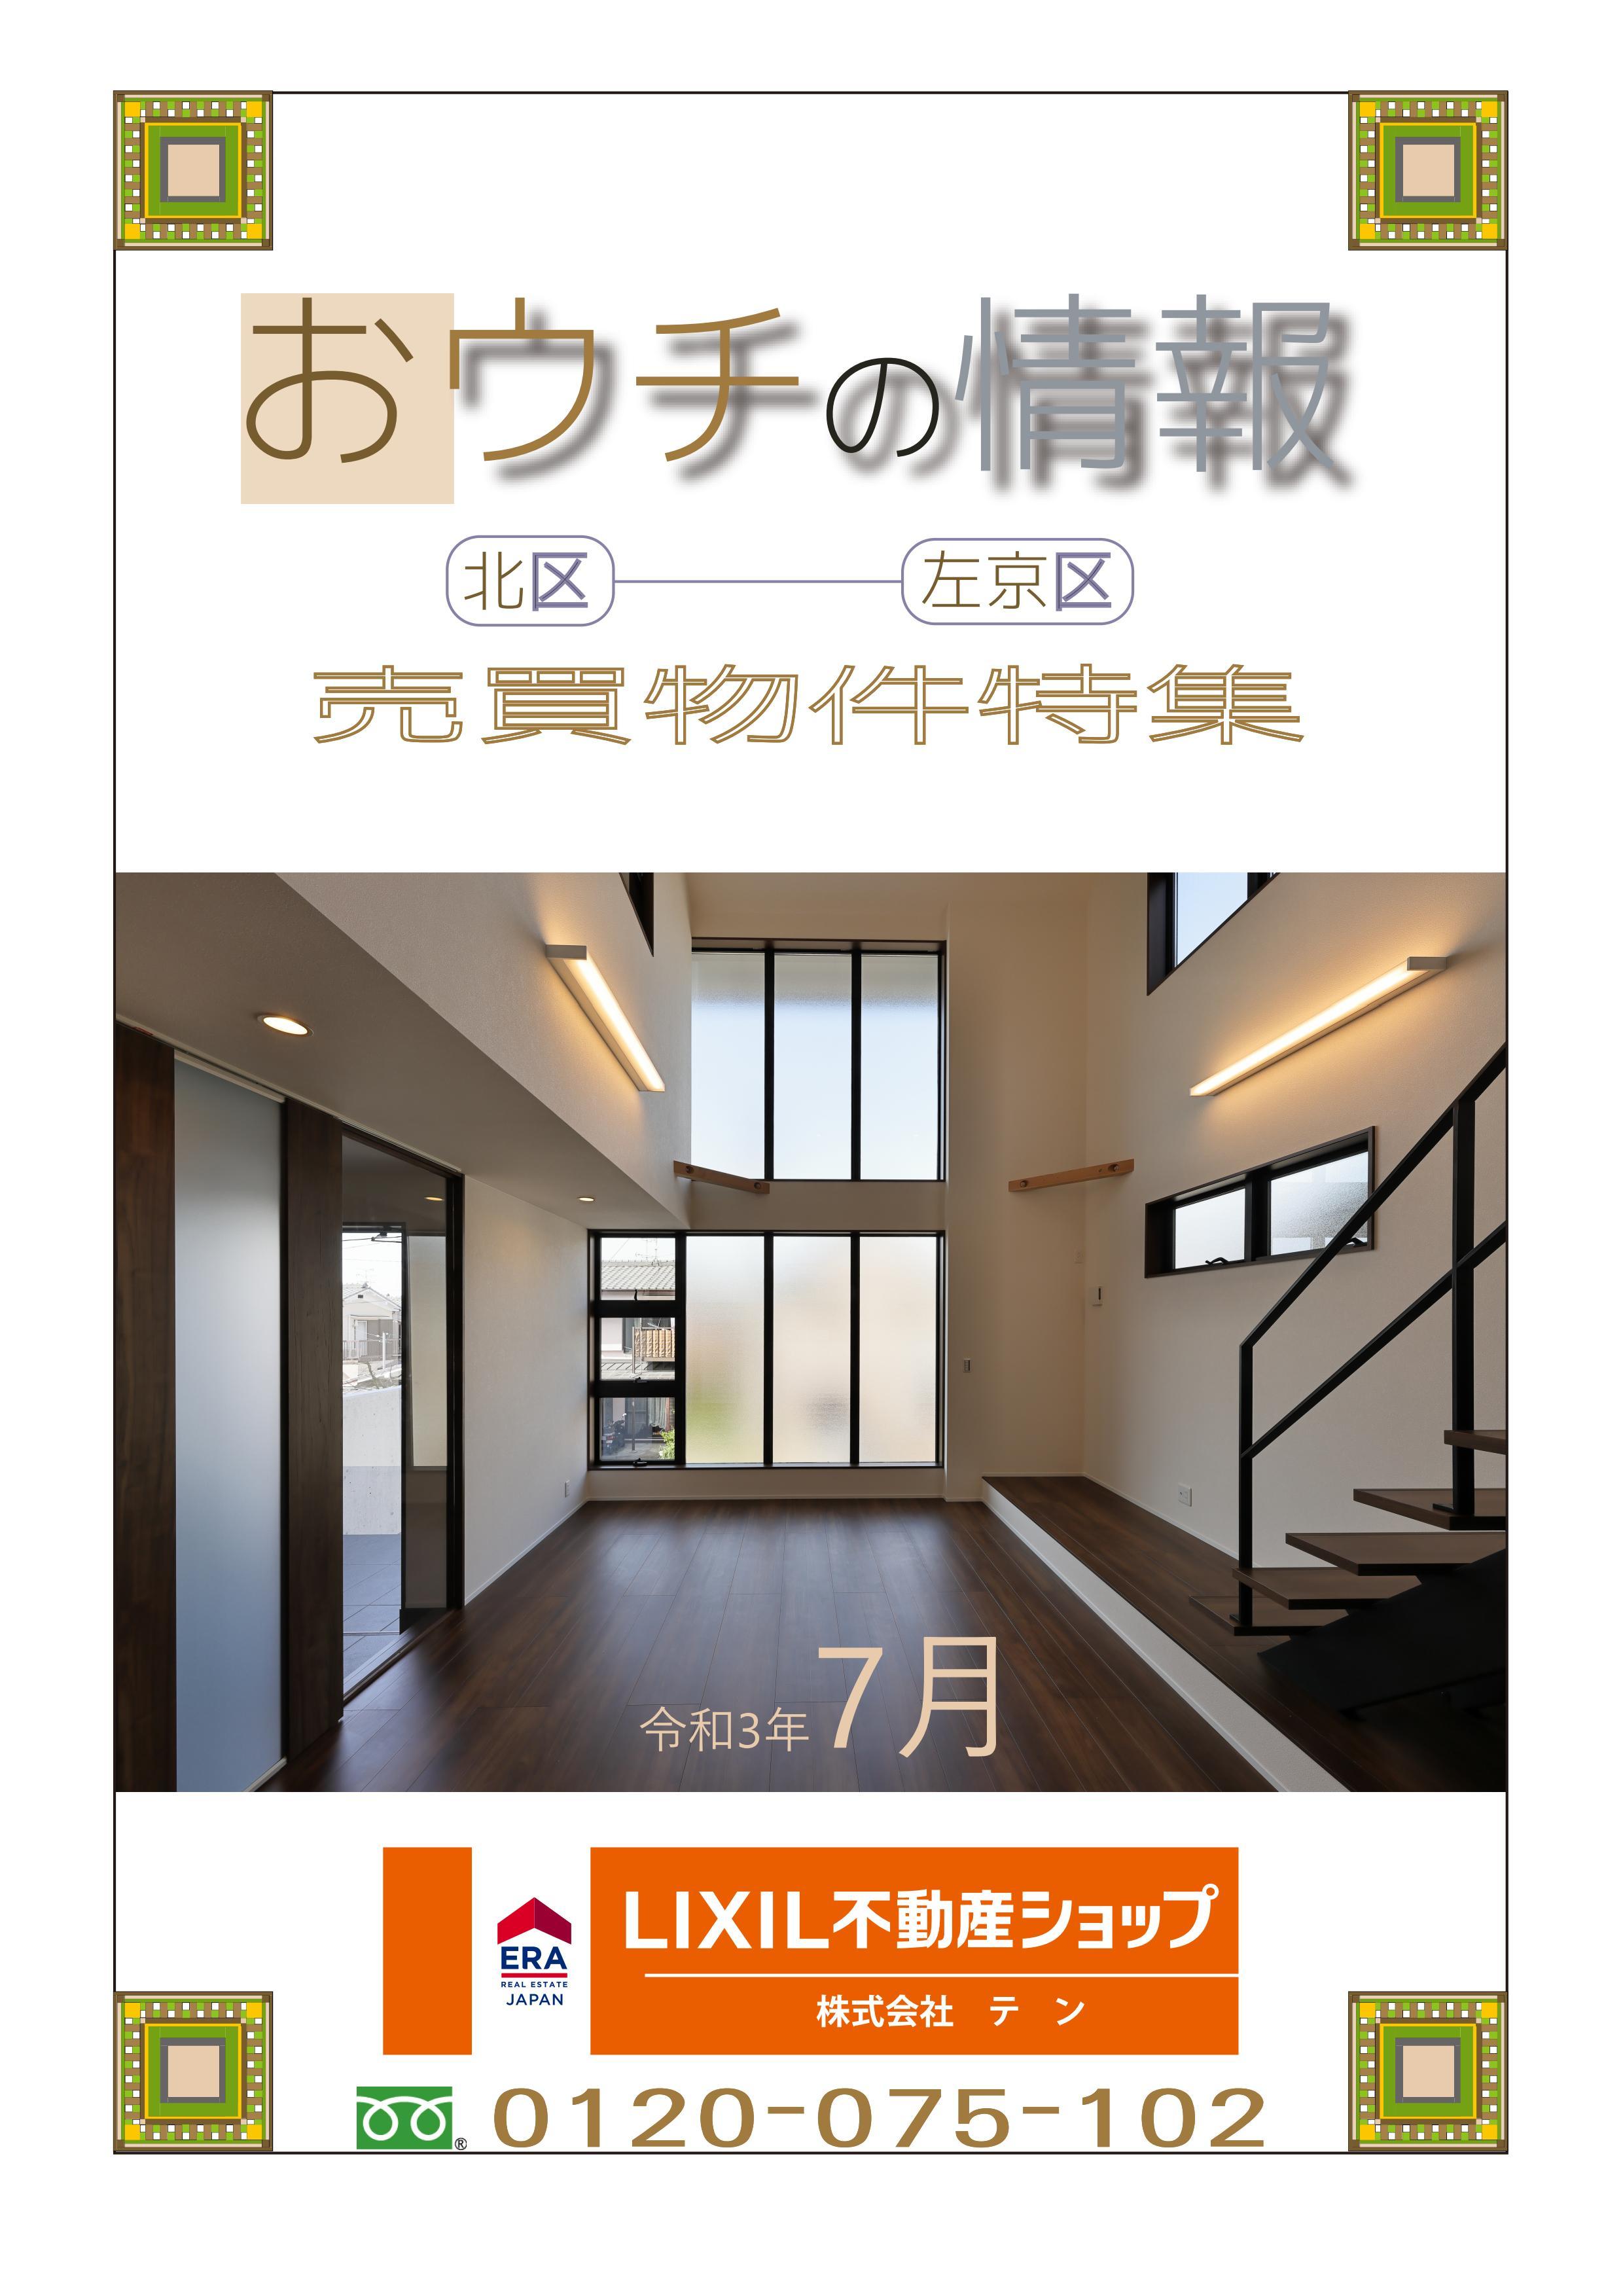 https://www.eraten.jp/blog/images/news/%E5%8D%97%E5%B1%B1.jpg